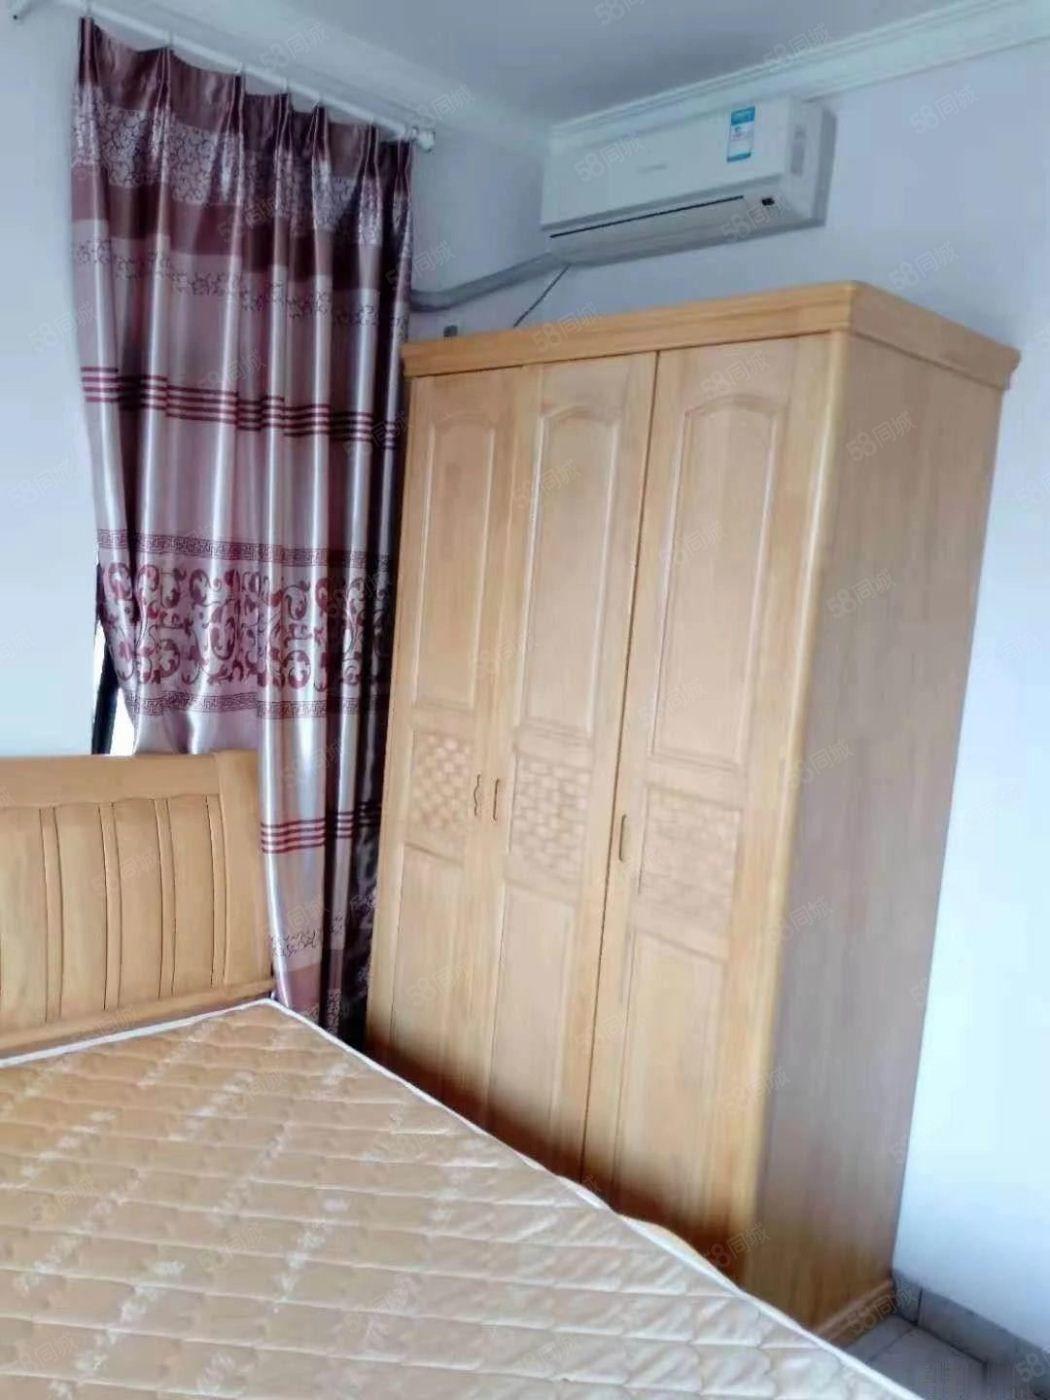 山水汇园66平一房一厅出租,家具家电齐全,拎包入住